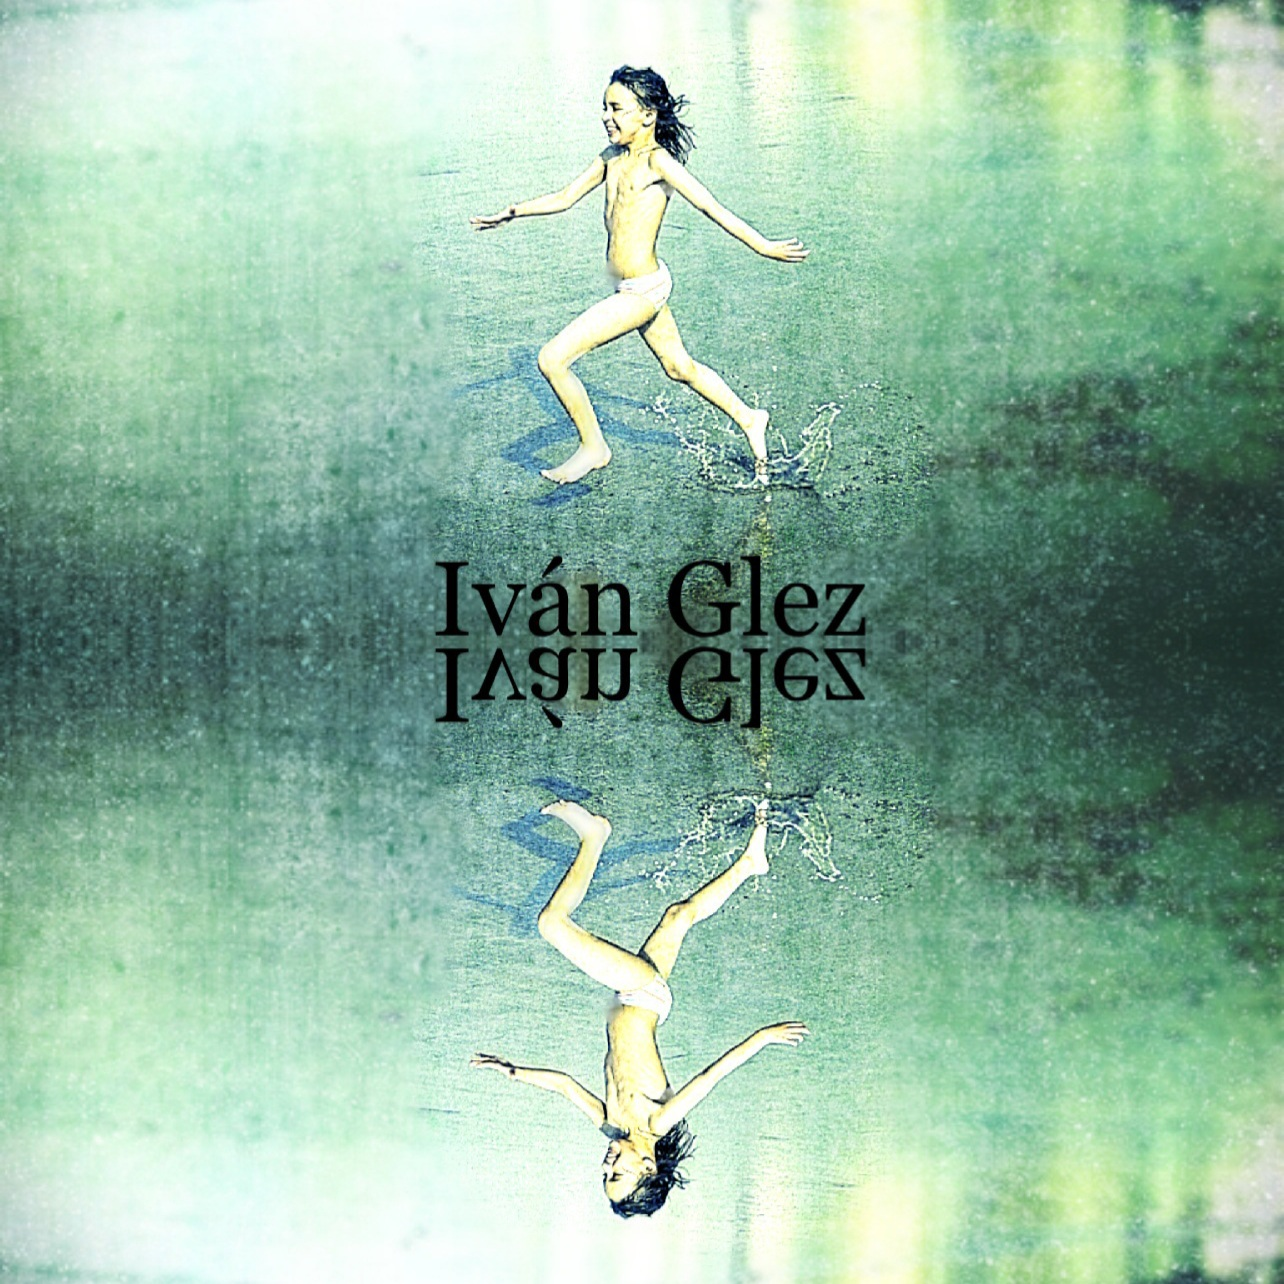 DJ Iván Glez